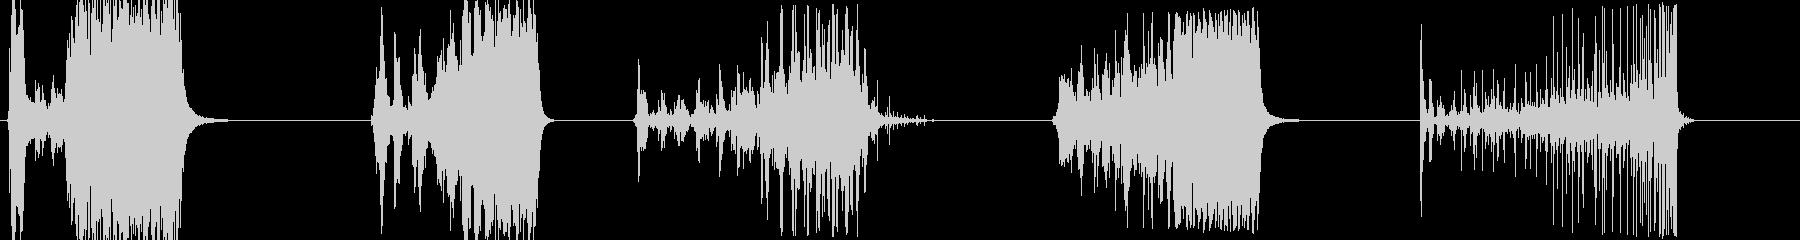 蓋/ハブキャップスピン-5つの効果...の未再生の波形